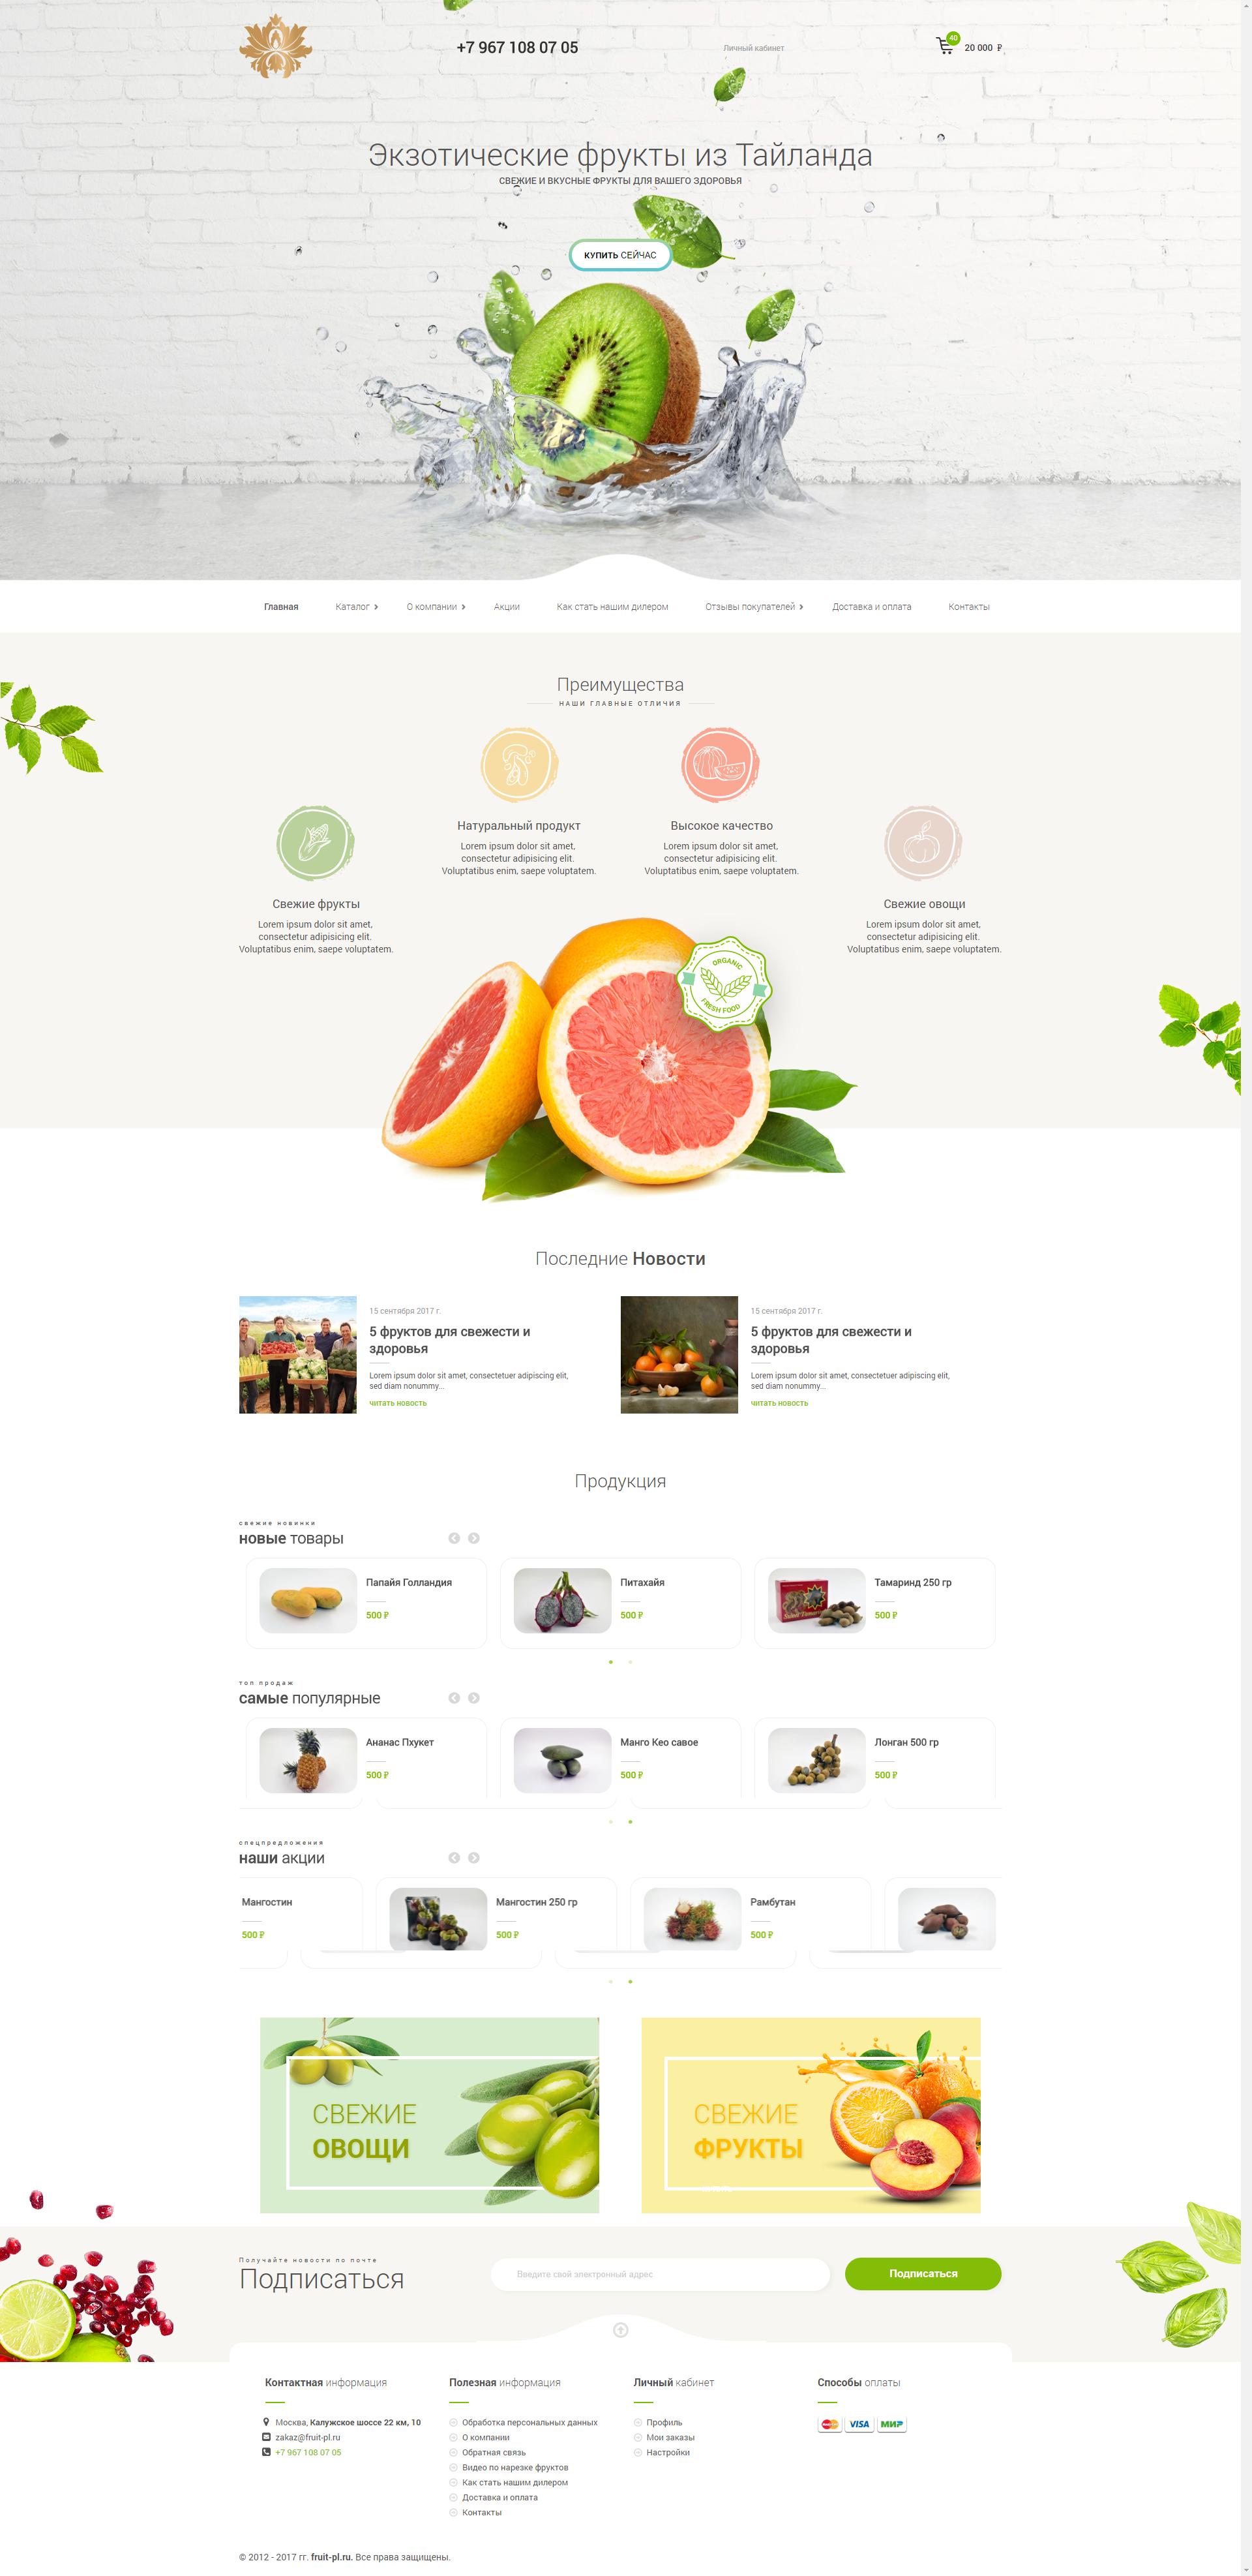 Магазин экзотических фруктов из Тайланда (Дизайн+Вертка+Внедрение CMS)